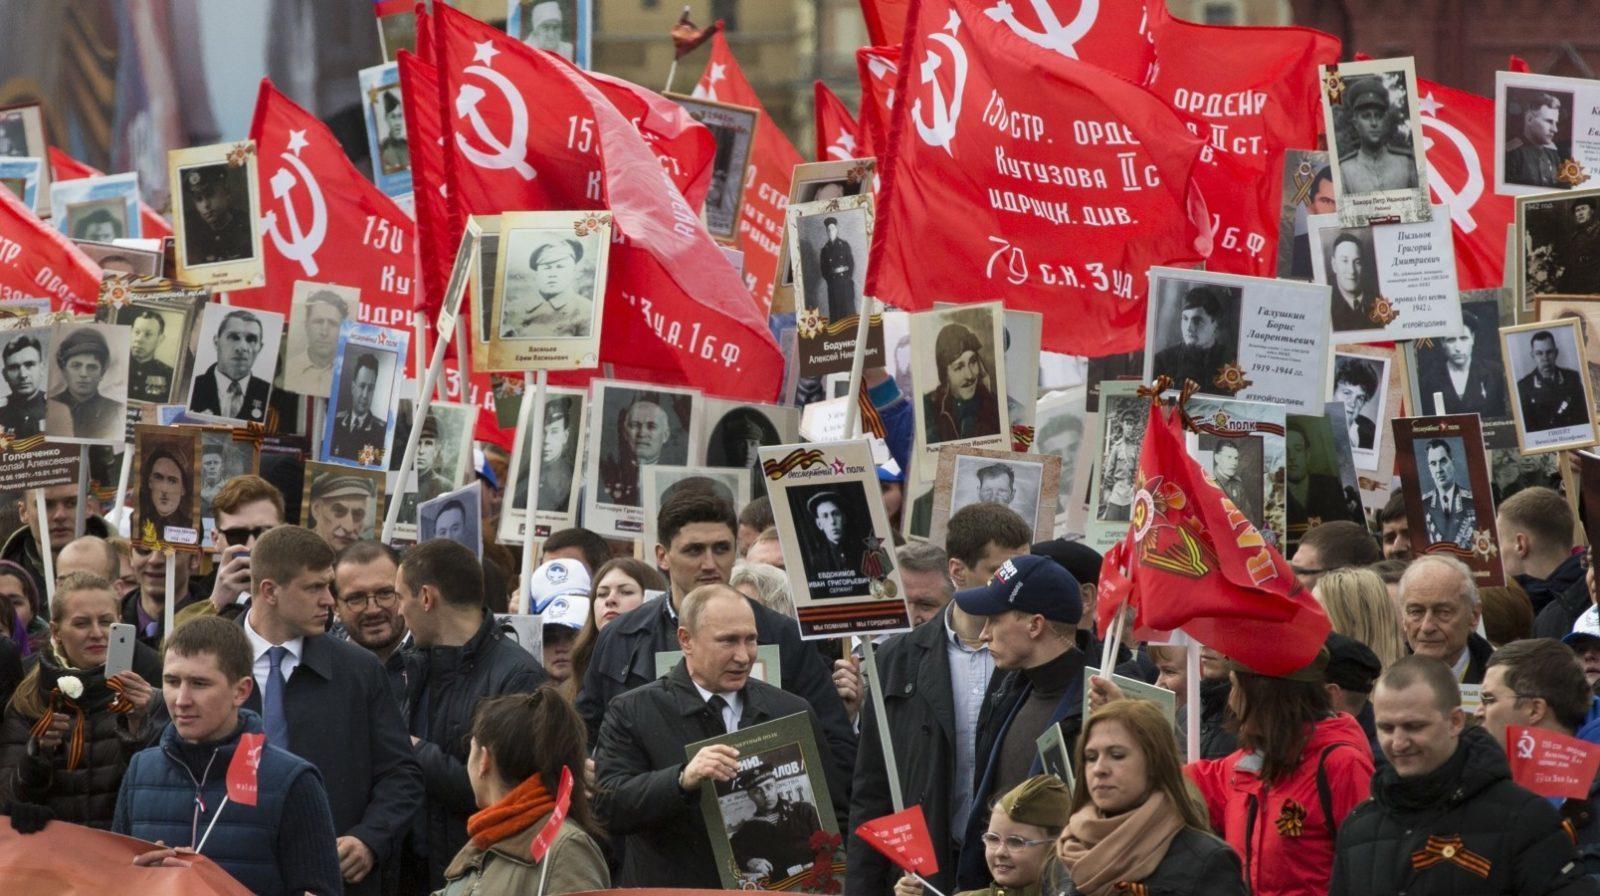 Вопрос себе... тем кто любит СССР....ребята прочитайте каждое слово и задайте вопрос